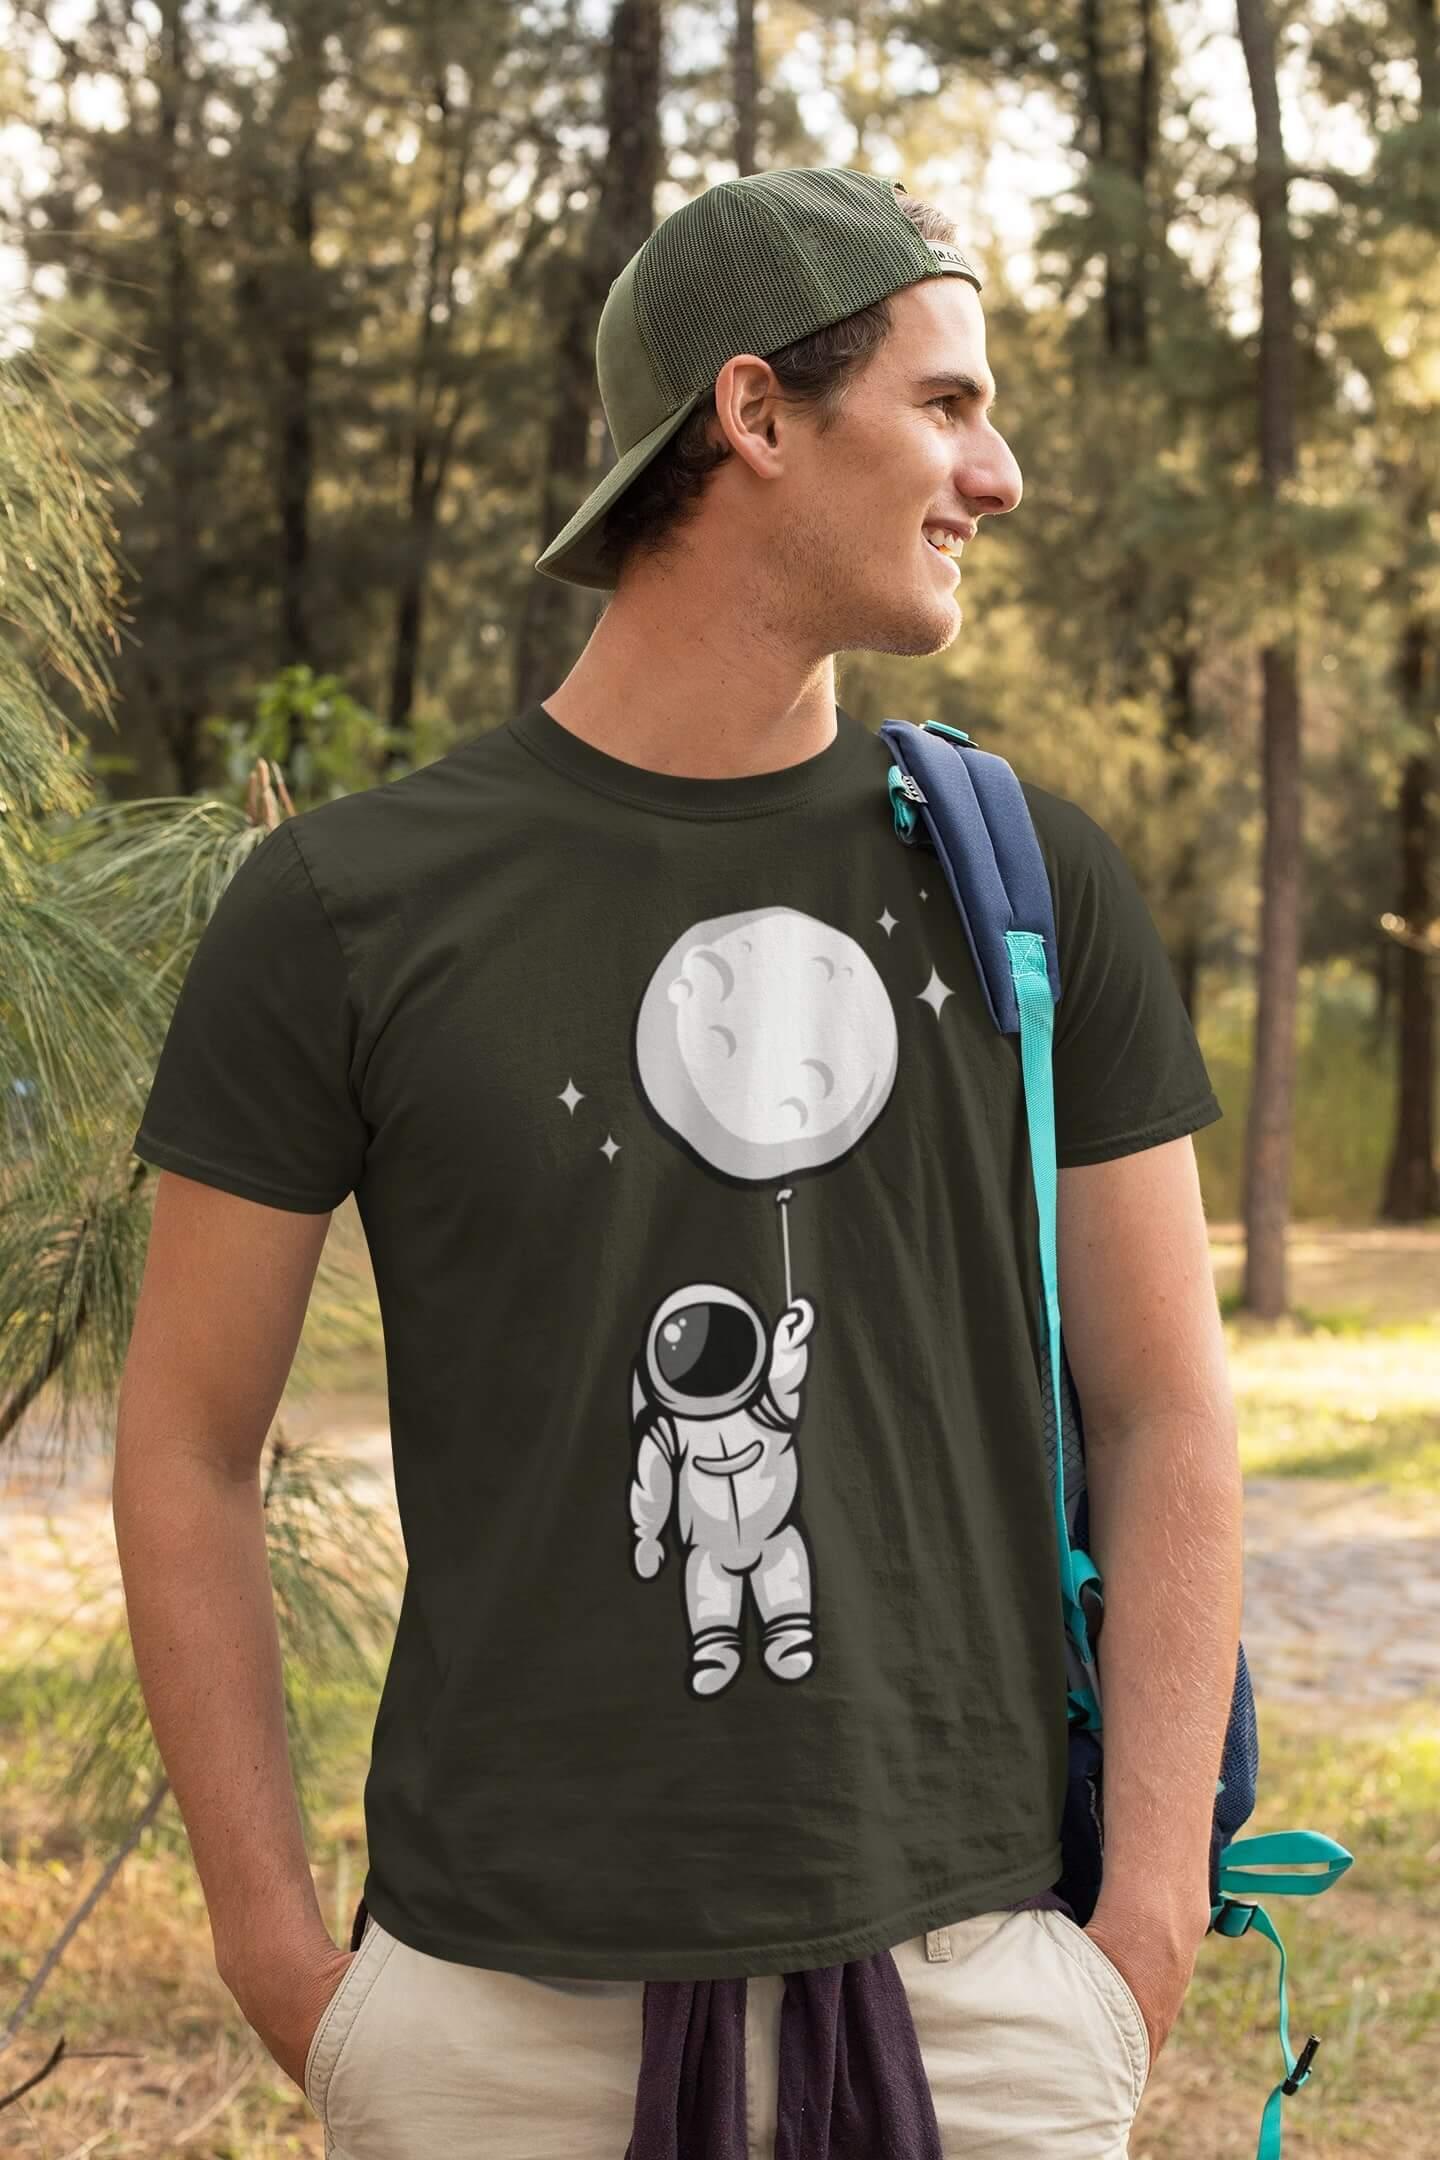 MMO Pánske tričko Astronaut Vyberte farbu: Military, Vyberte veľkosť: XS